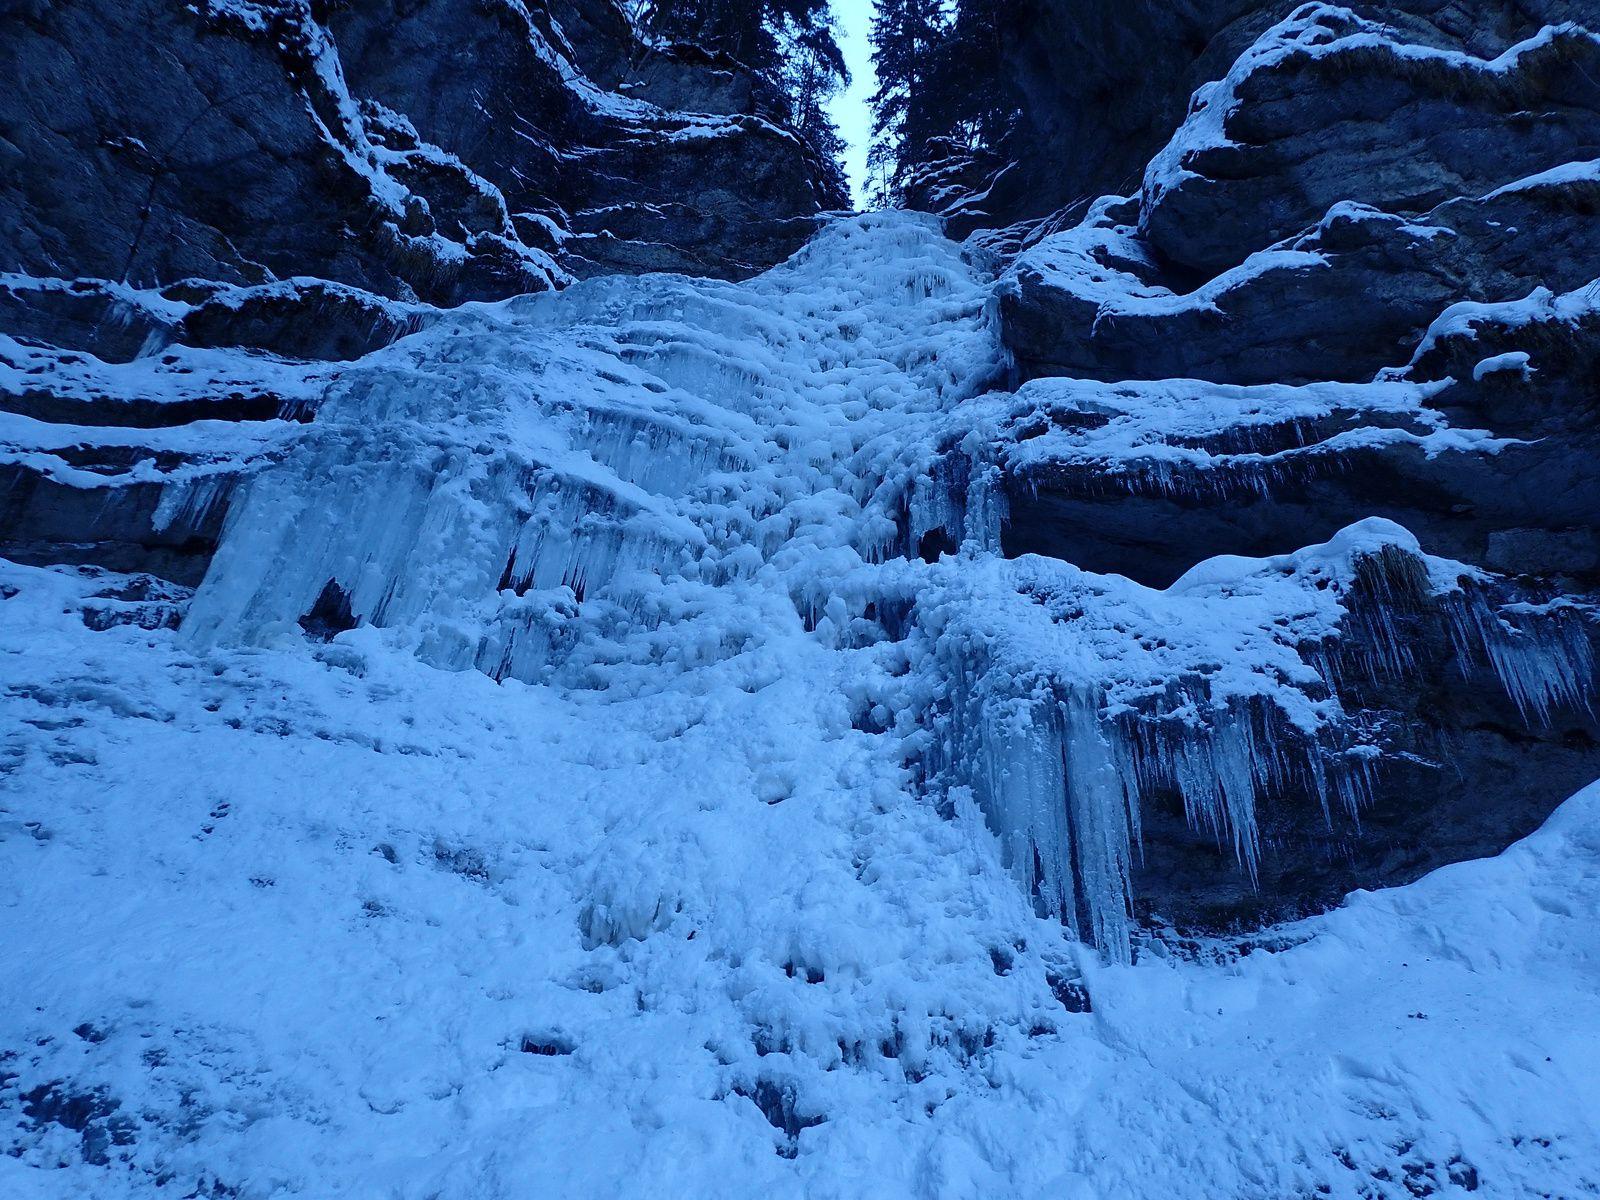 Cascade de Nant Burgeat: Le Vaisseau de Pierre (année 2017)